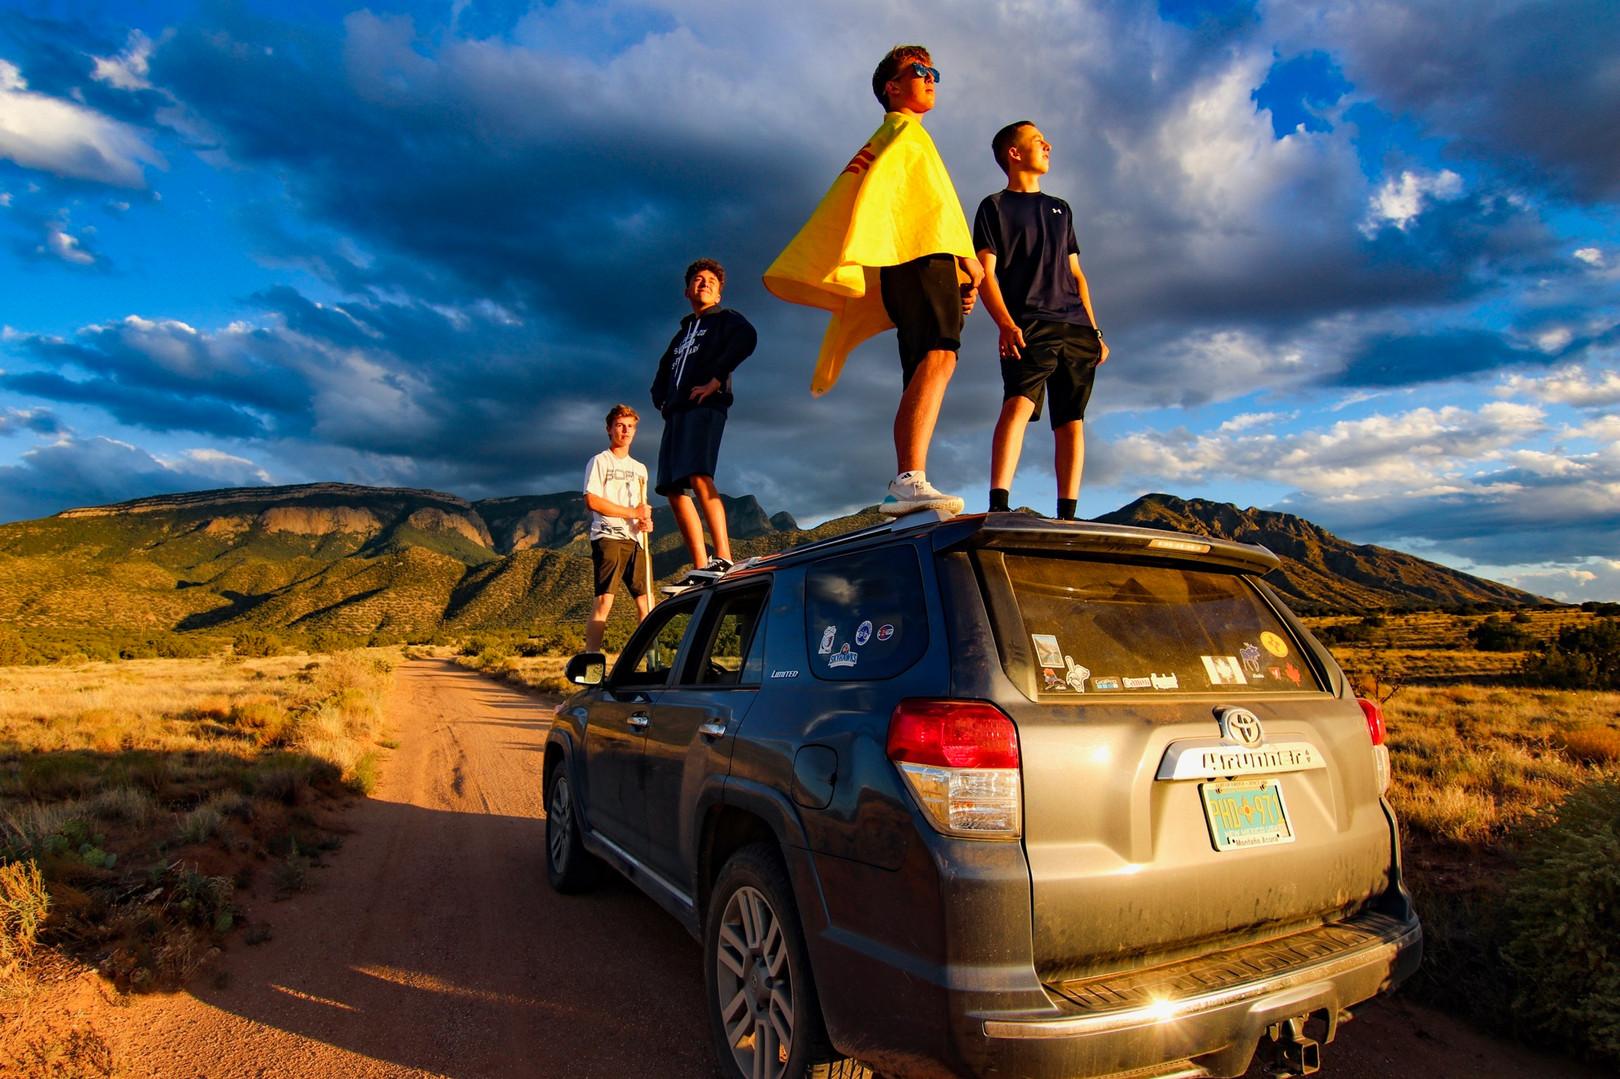 Four Boys, one car, one trip